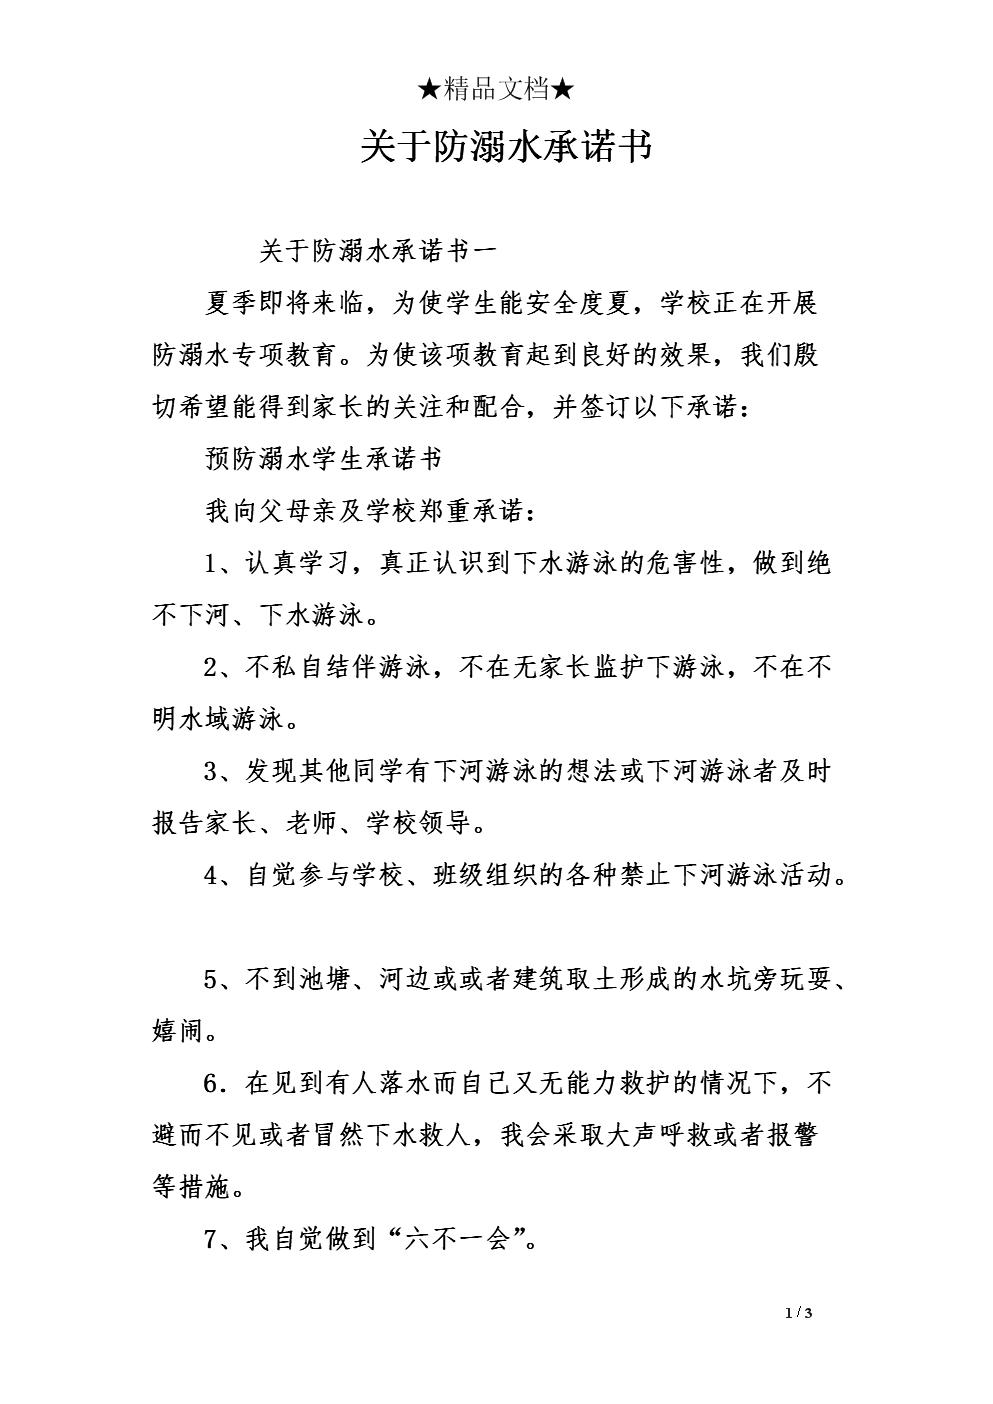 关于防溺水承诺书.doc